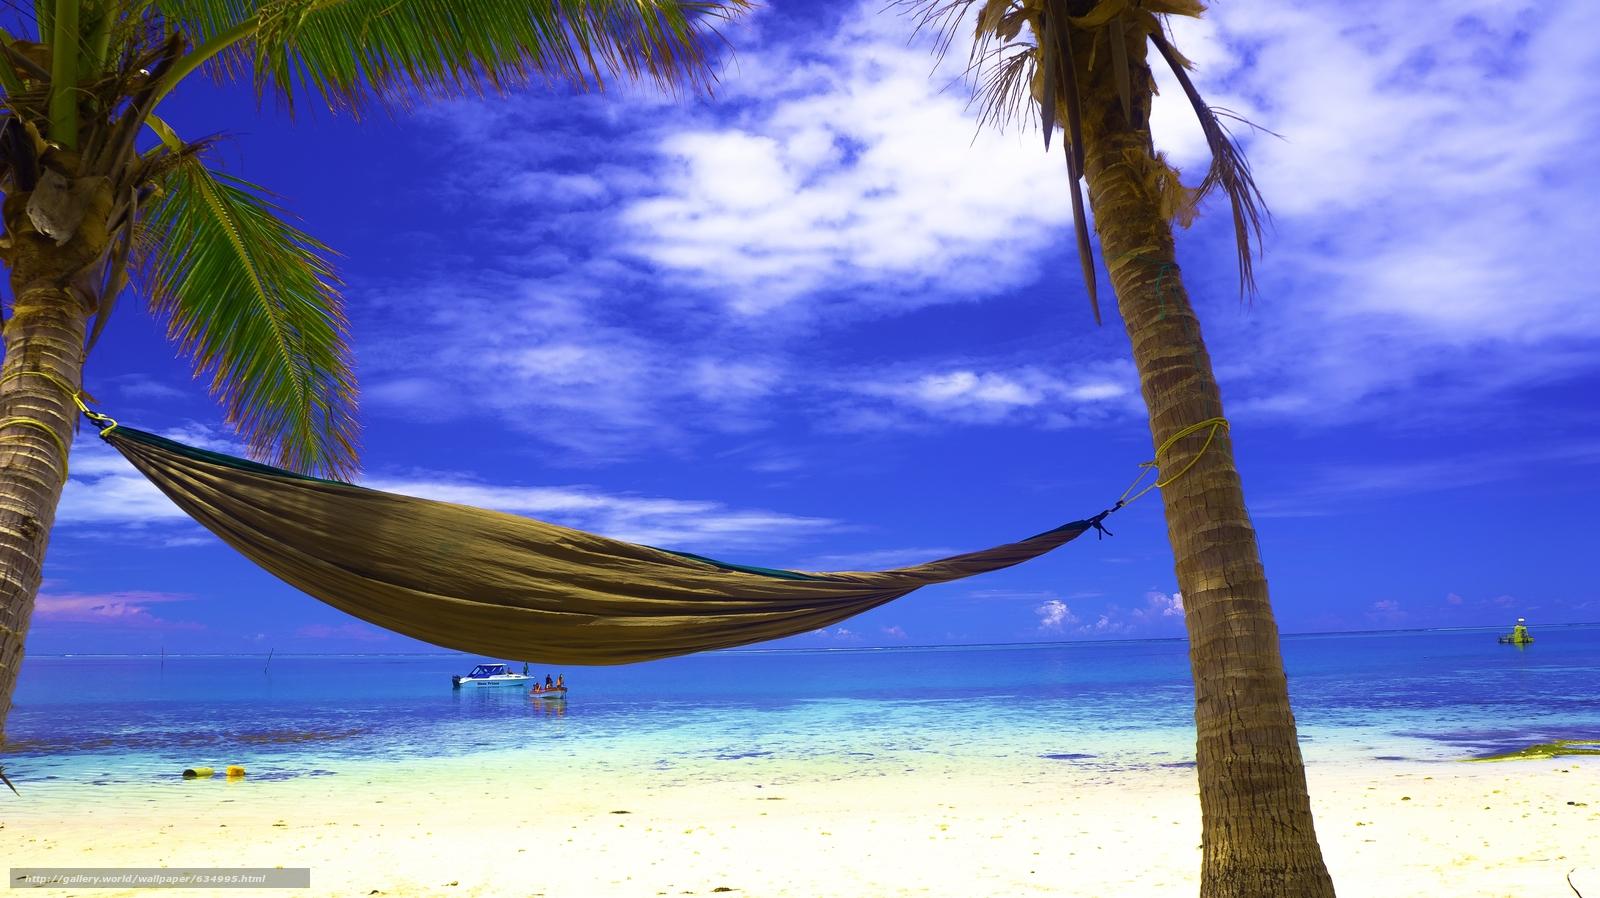 Скачать обои Острова Фиджи,  в южной части Тихого океана,  пейзаж бесплатно для рабочего стола в разрешении 4912x2756 — картинка №634995